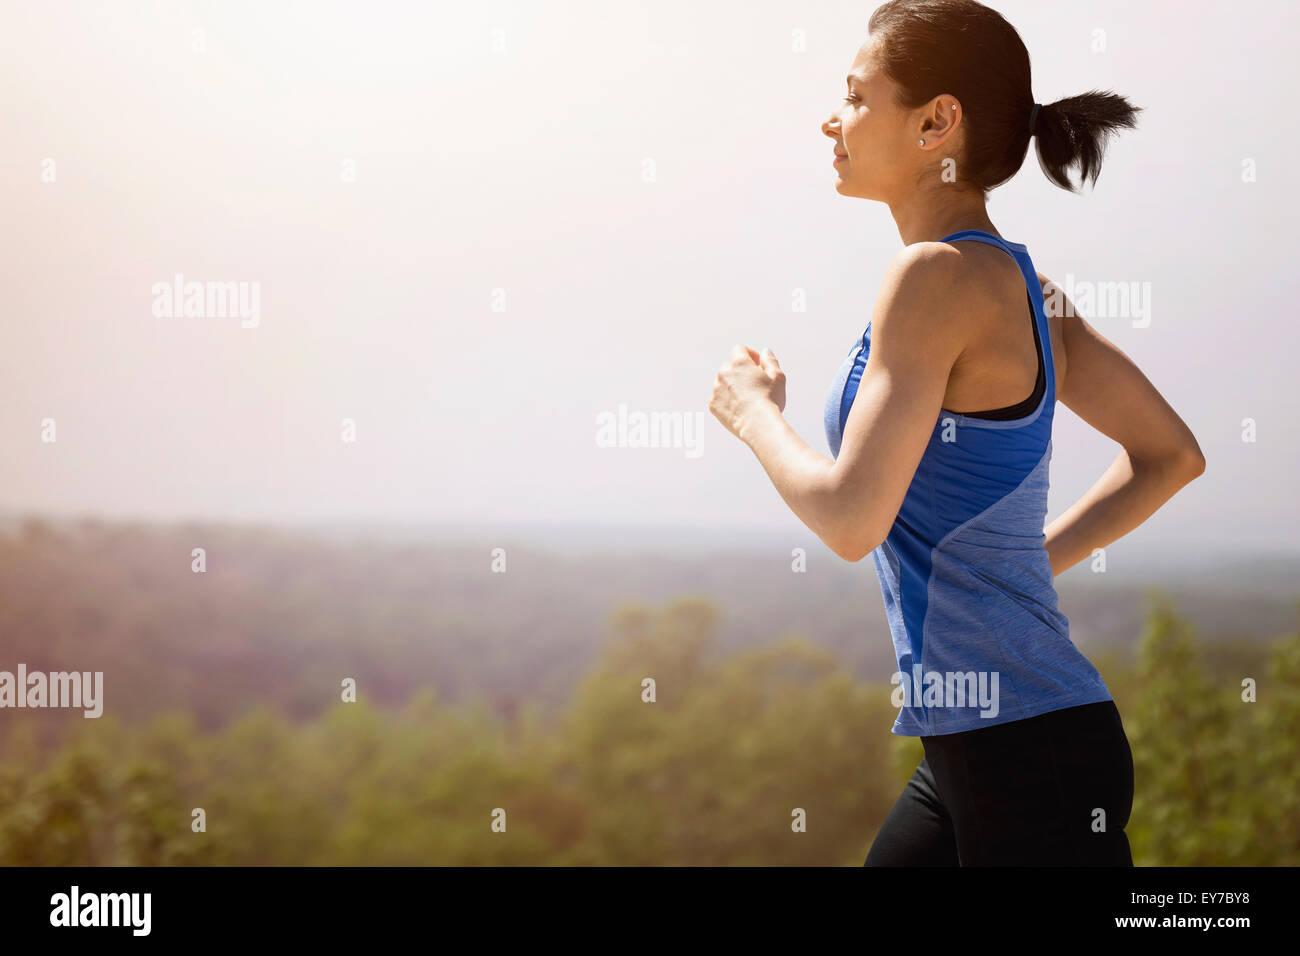 Junge Frau im freien laufen Stockfoto